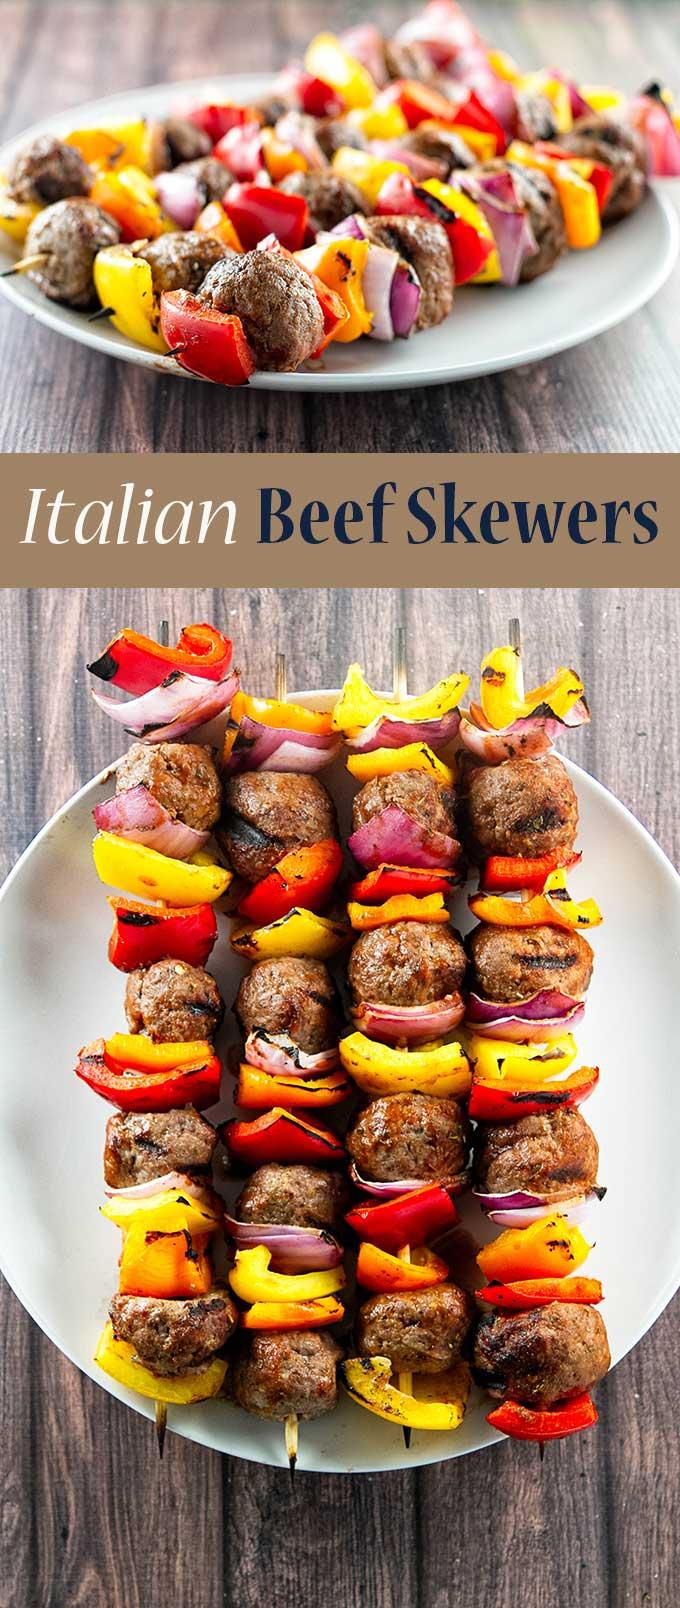 Italian beef skewers with grilled vegetables and tender juicy meatballs | girlgonegourmet.com